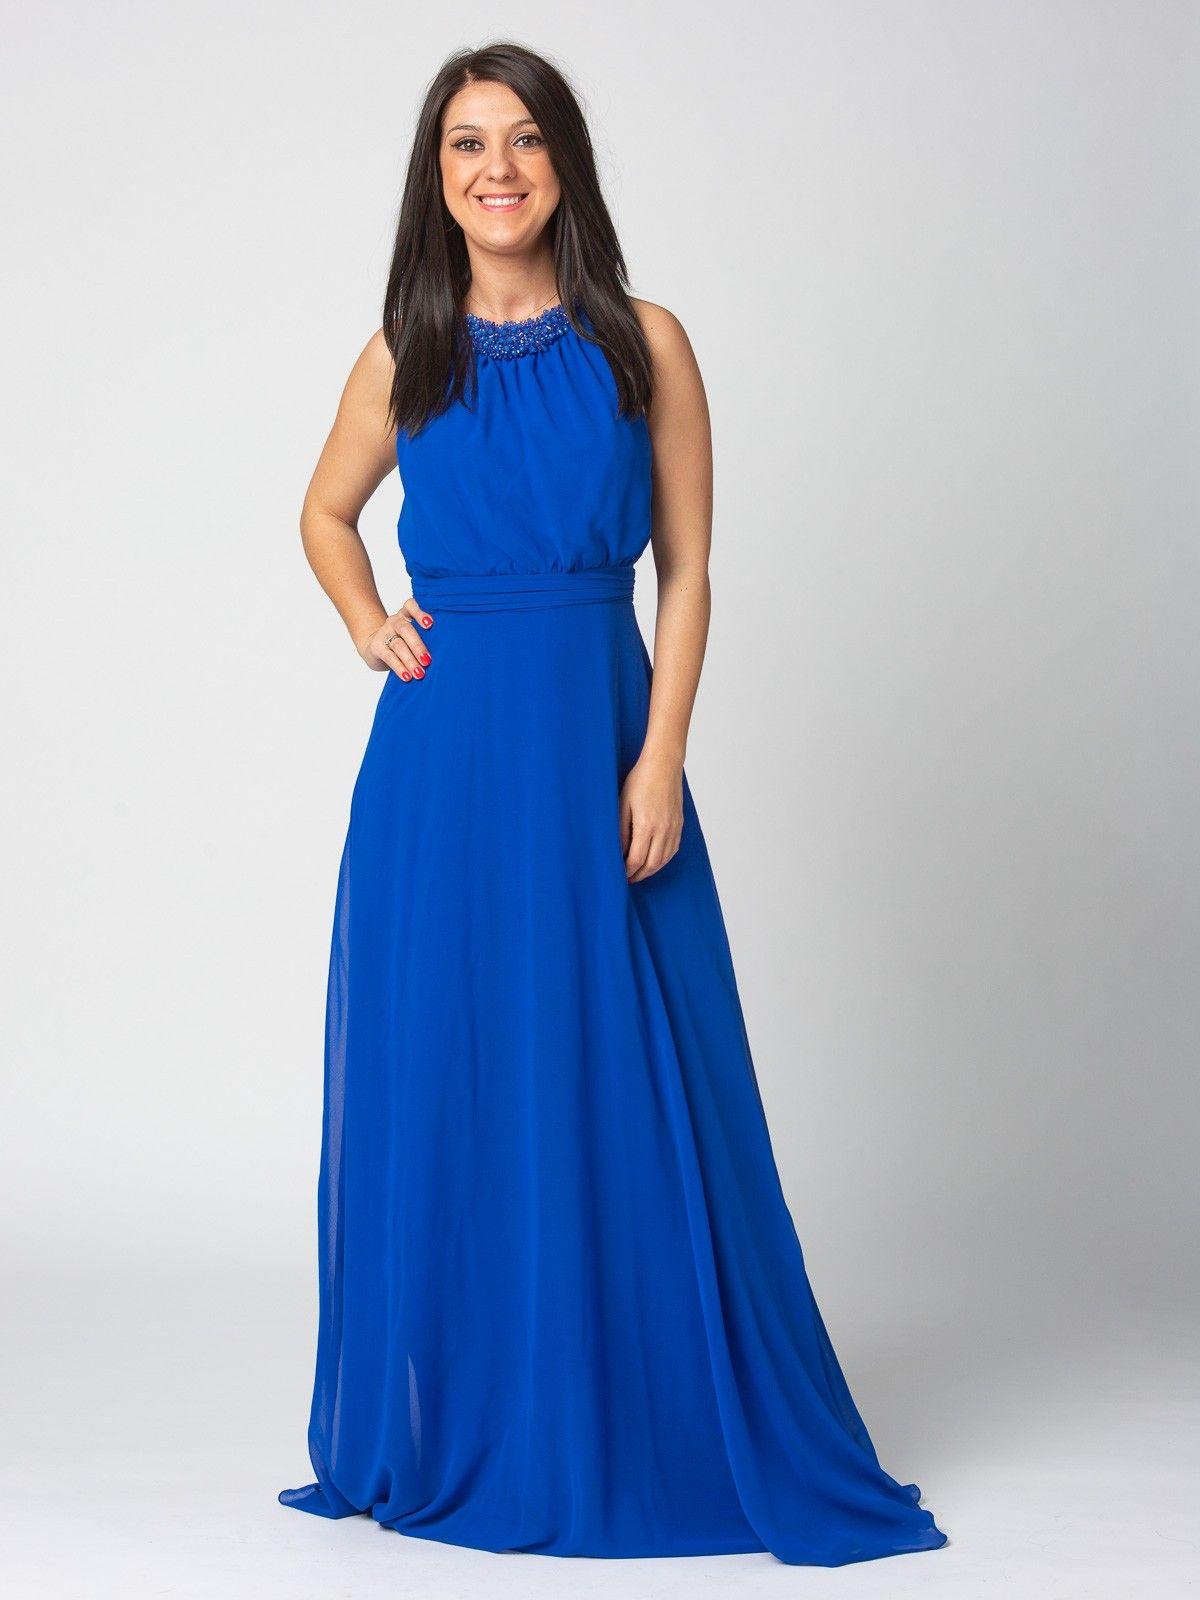 49d01a9f1 Vestido Bombay - Vestido largo en color azul klein. Detalle en cintura de  tablas.